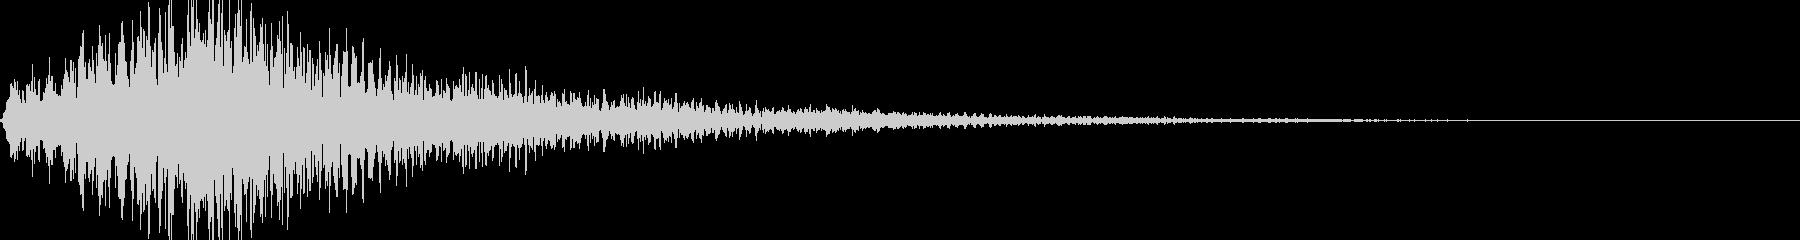 ホワーン(スタート 決定 アイテム)の未再生の波形